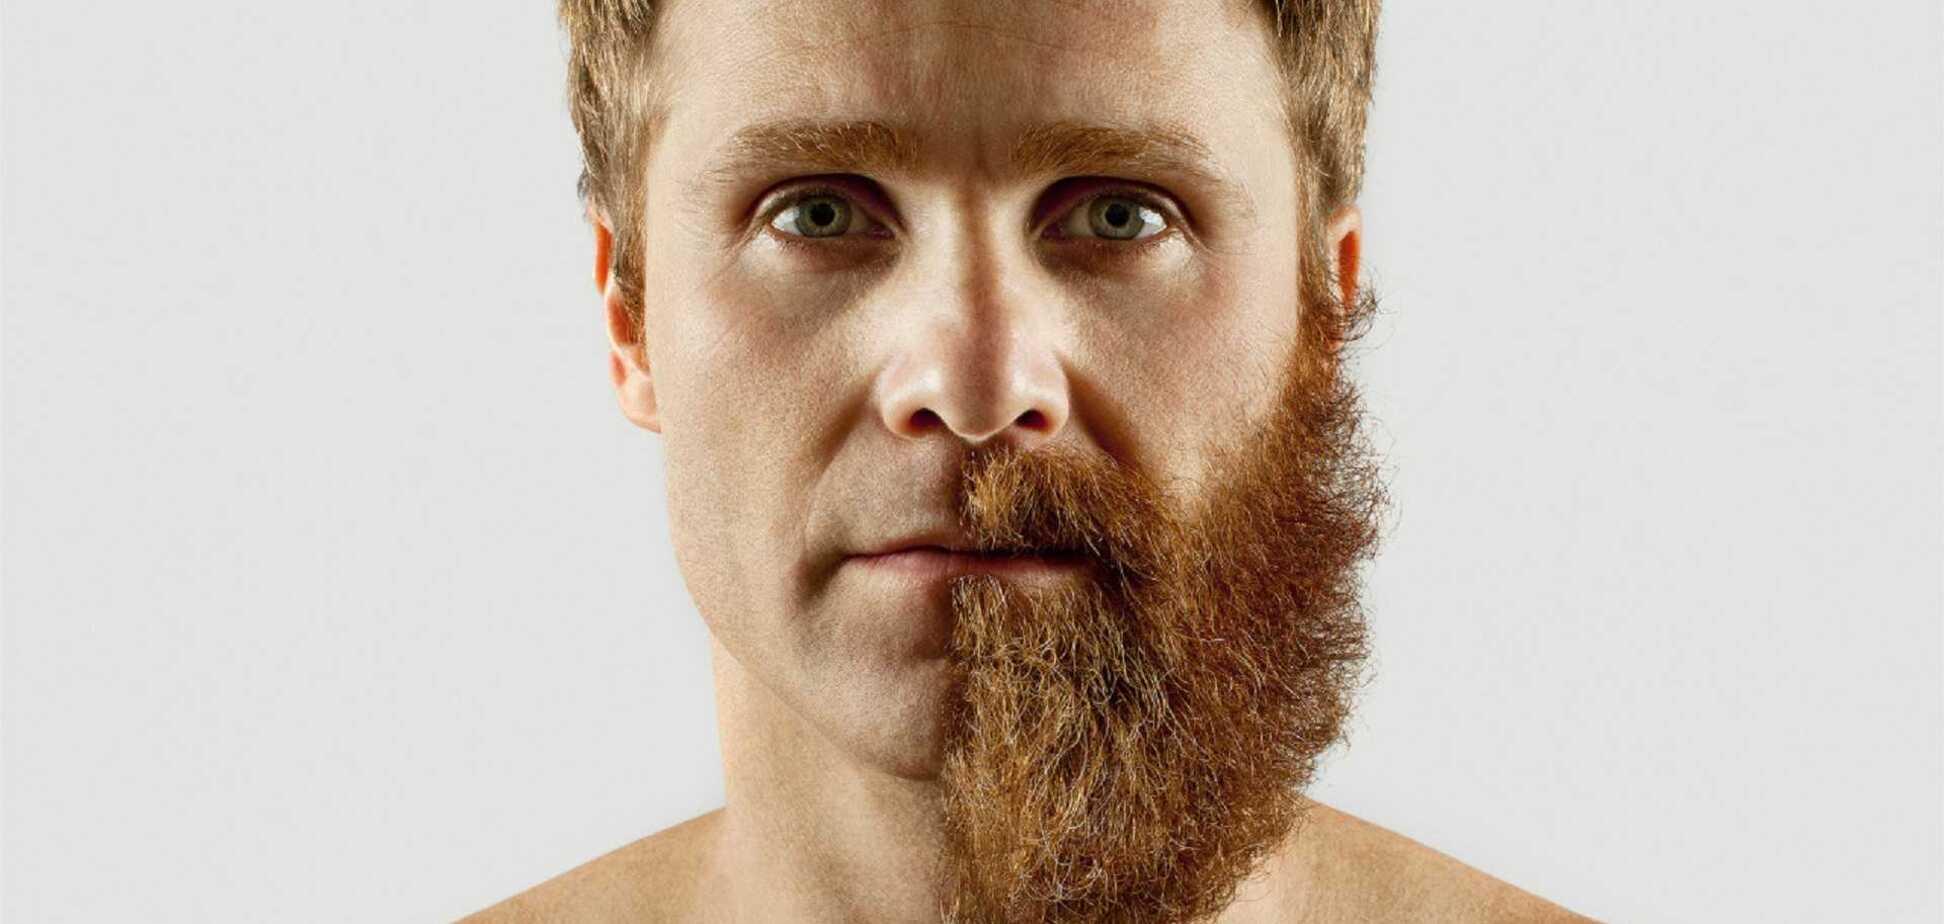 Стрижка 'круглая борода' становится популярной